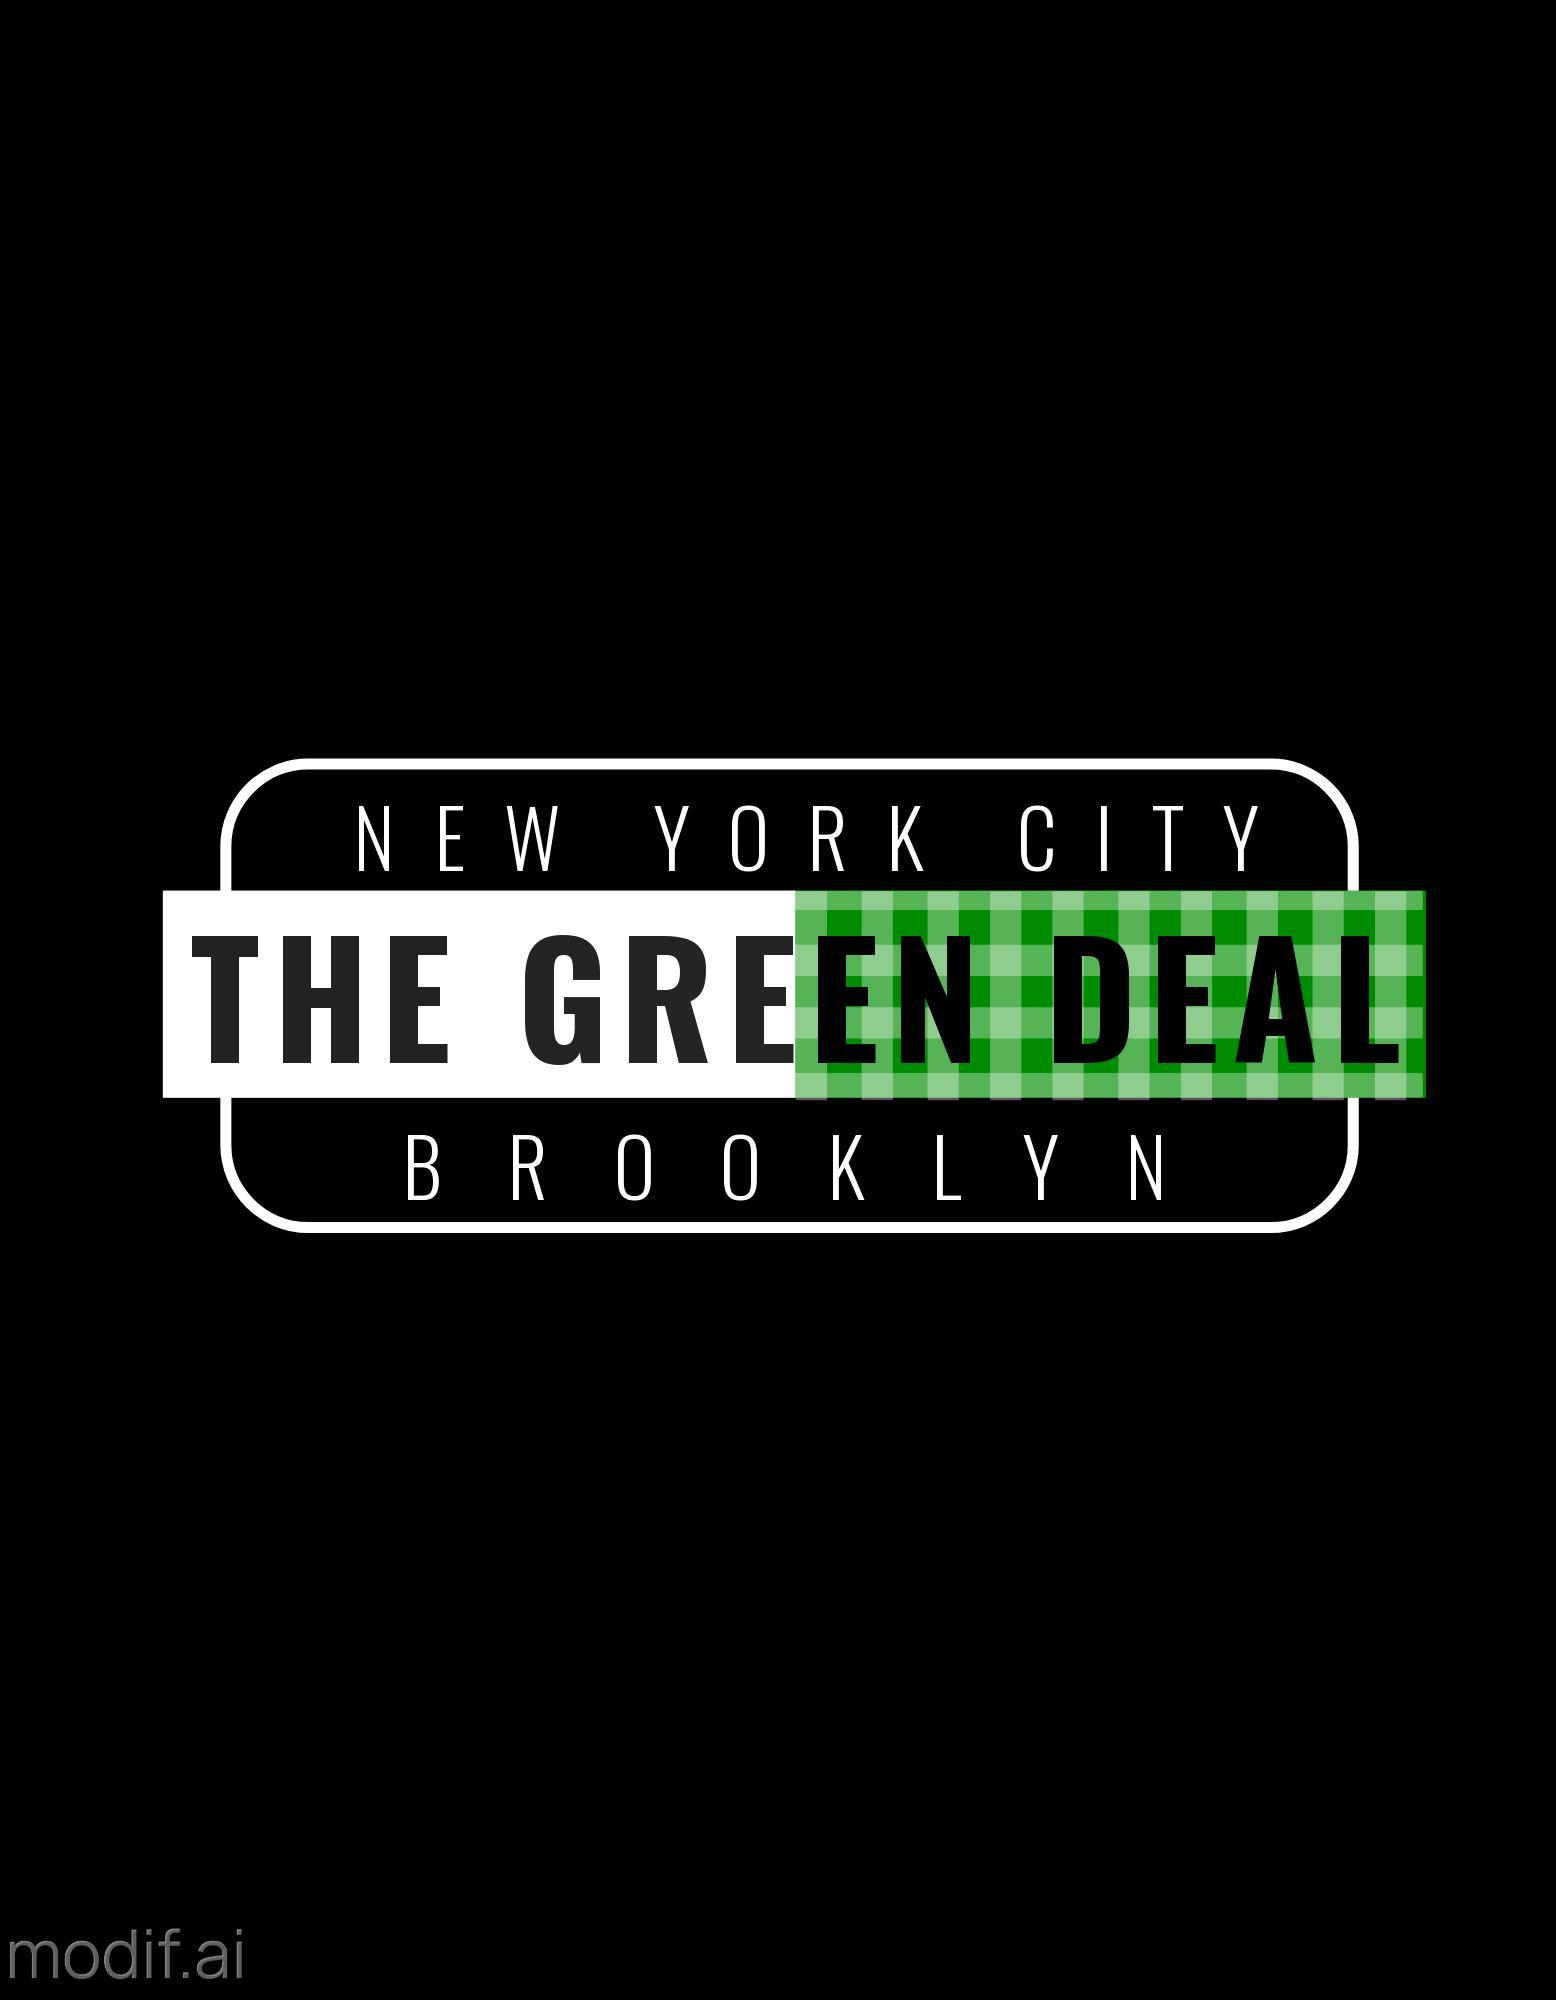 Green Deal T-Shirt Design Template